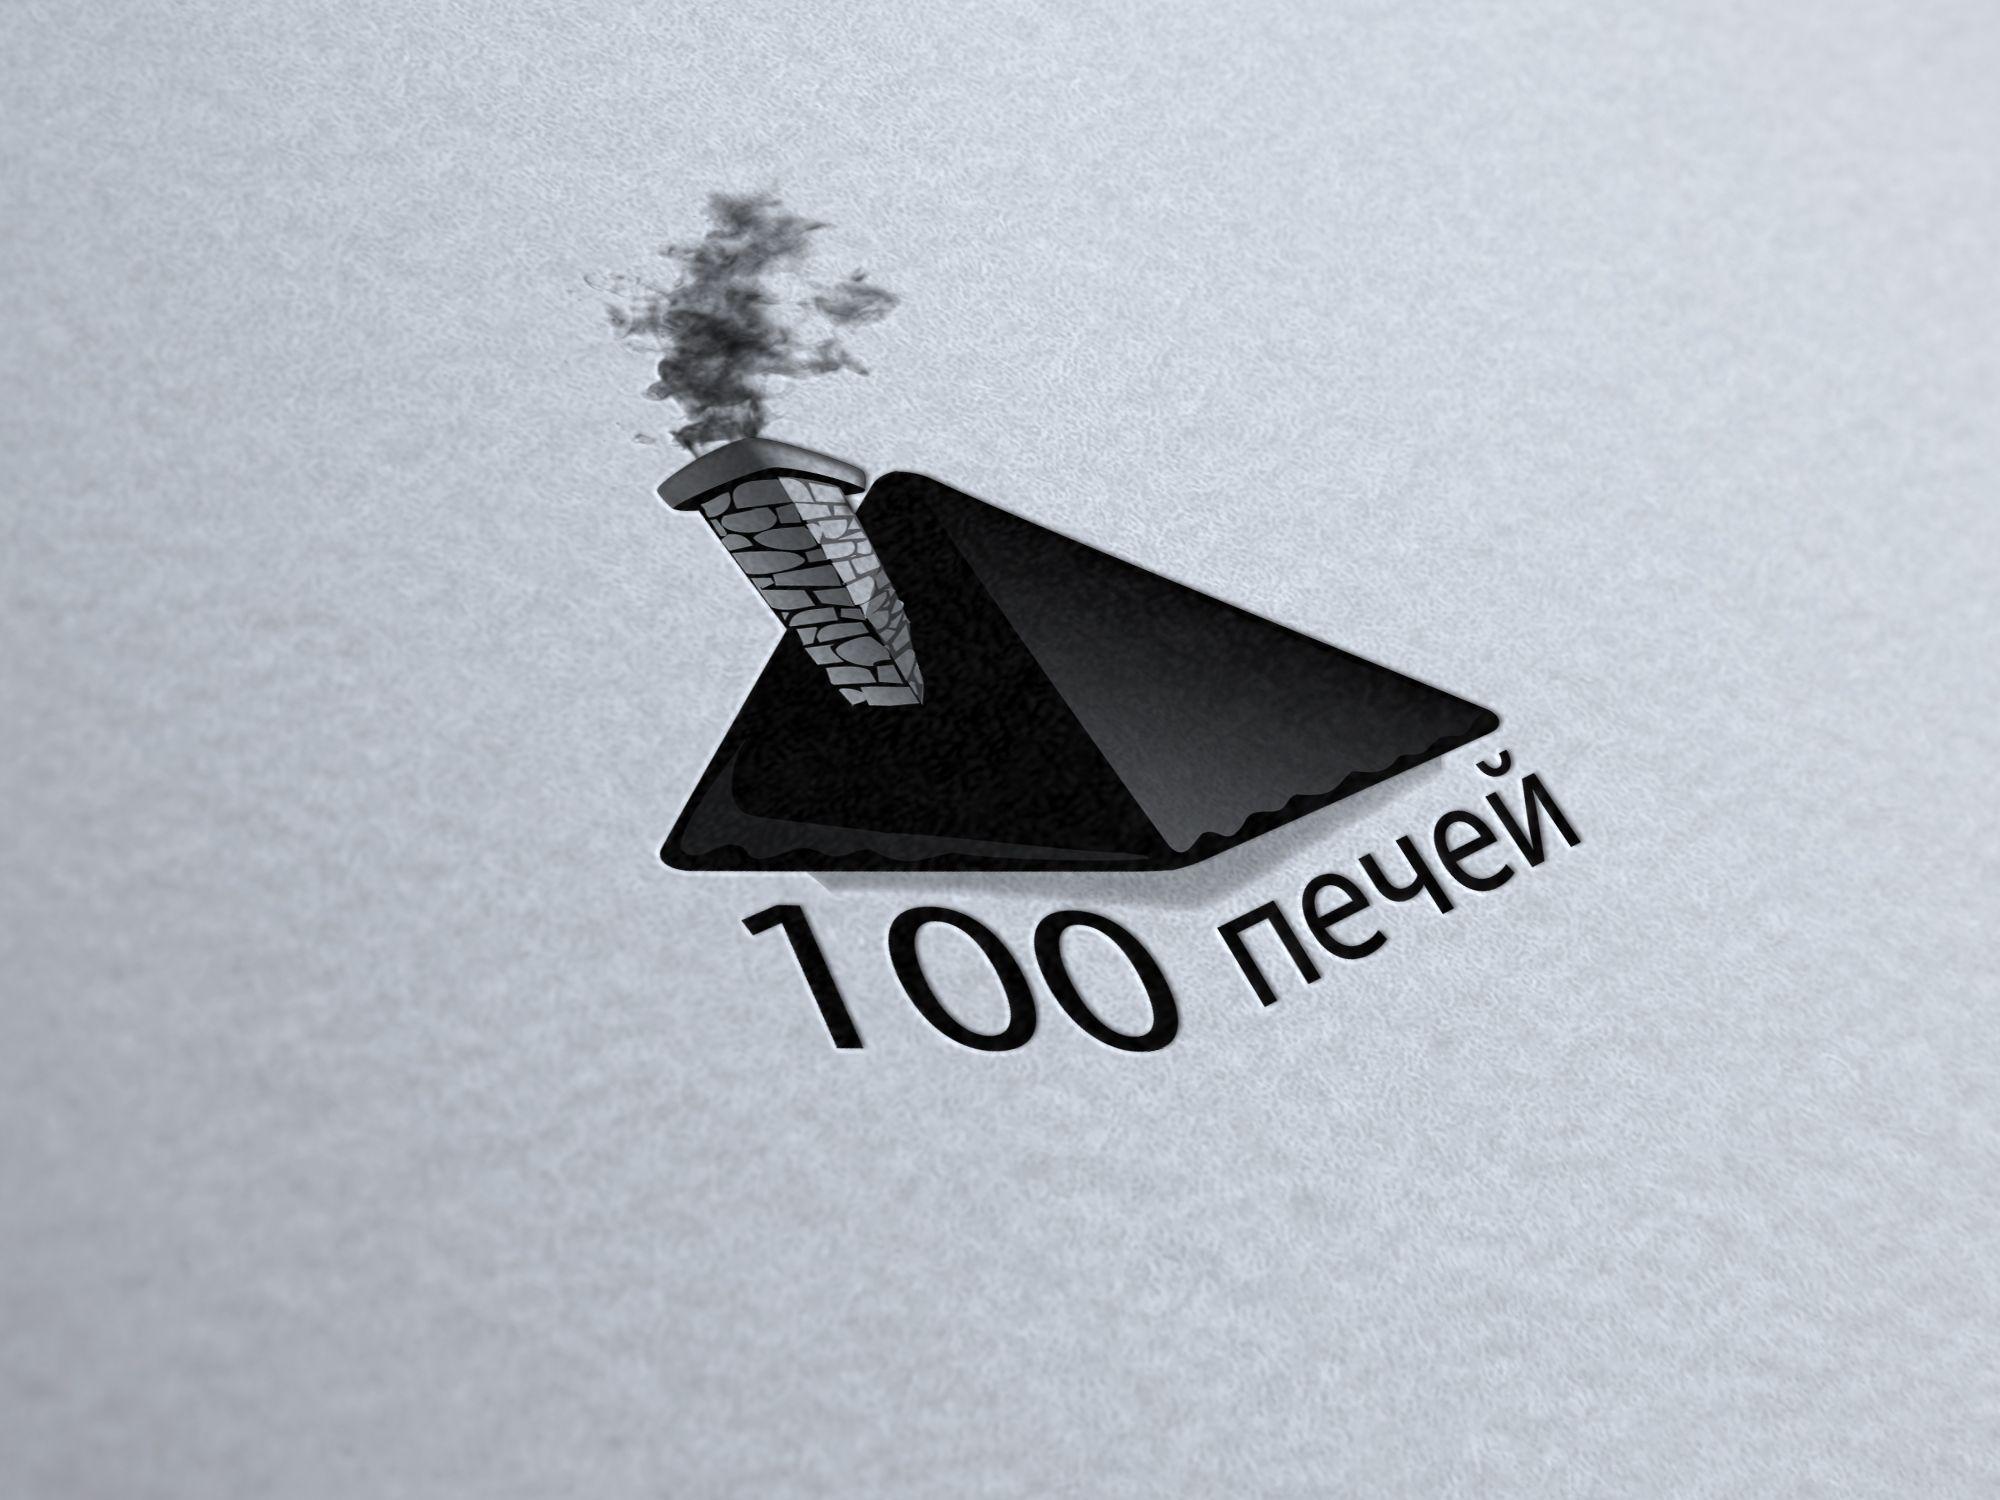 Логотип 100 печей - дизайнер sdalex777